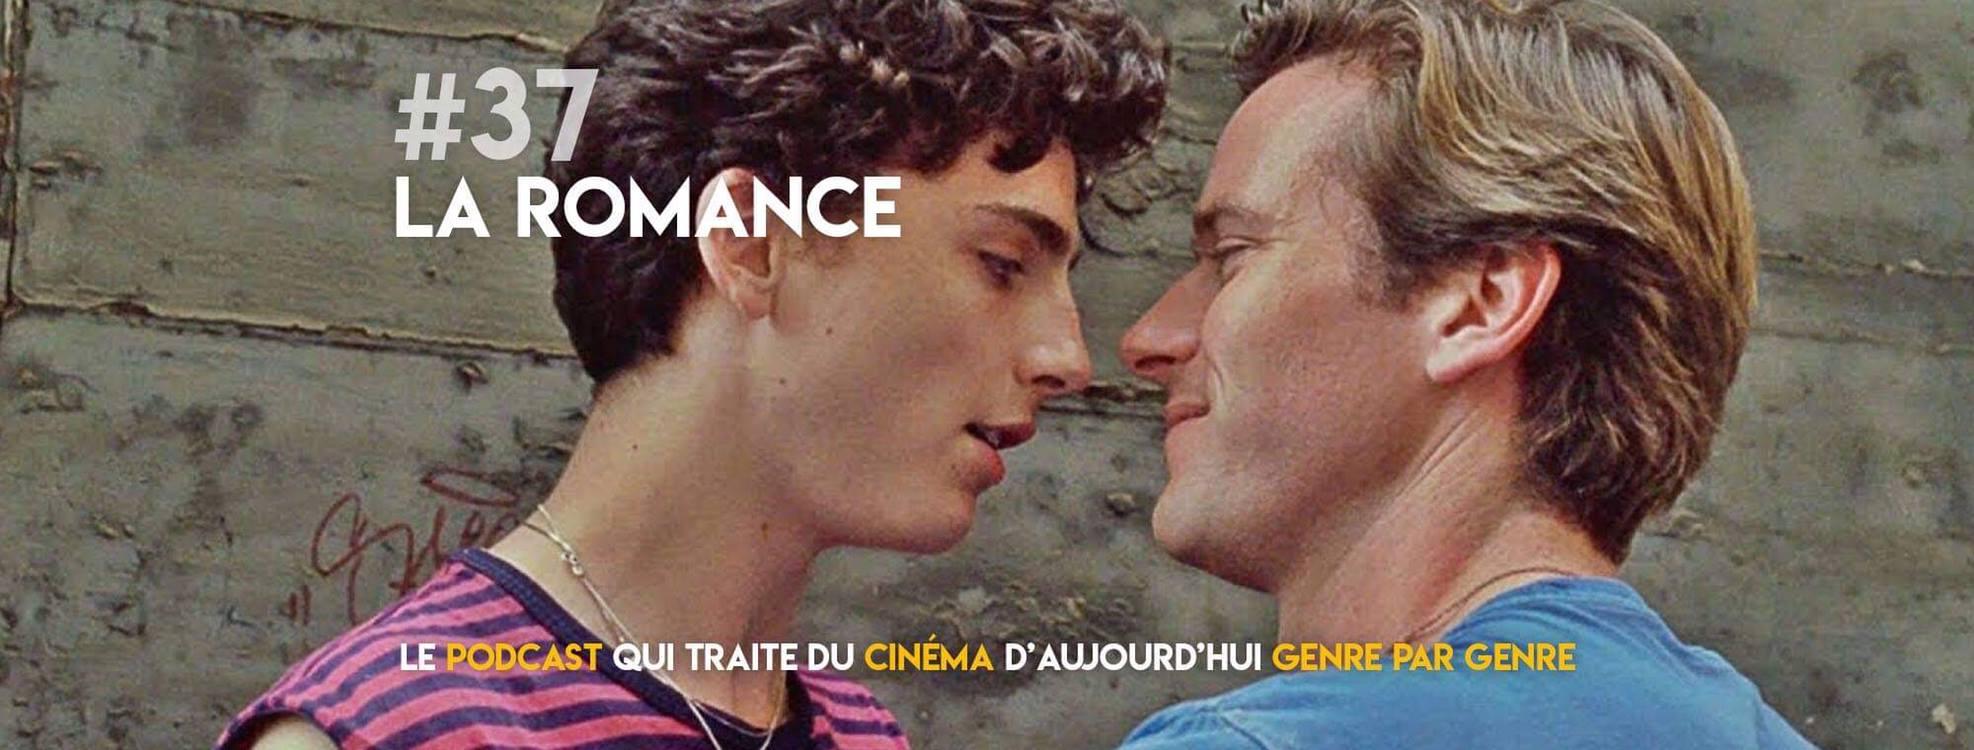 Parlons Péloches - #37 La romance